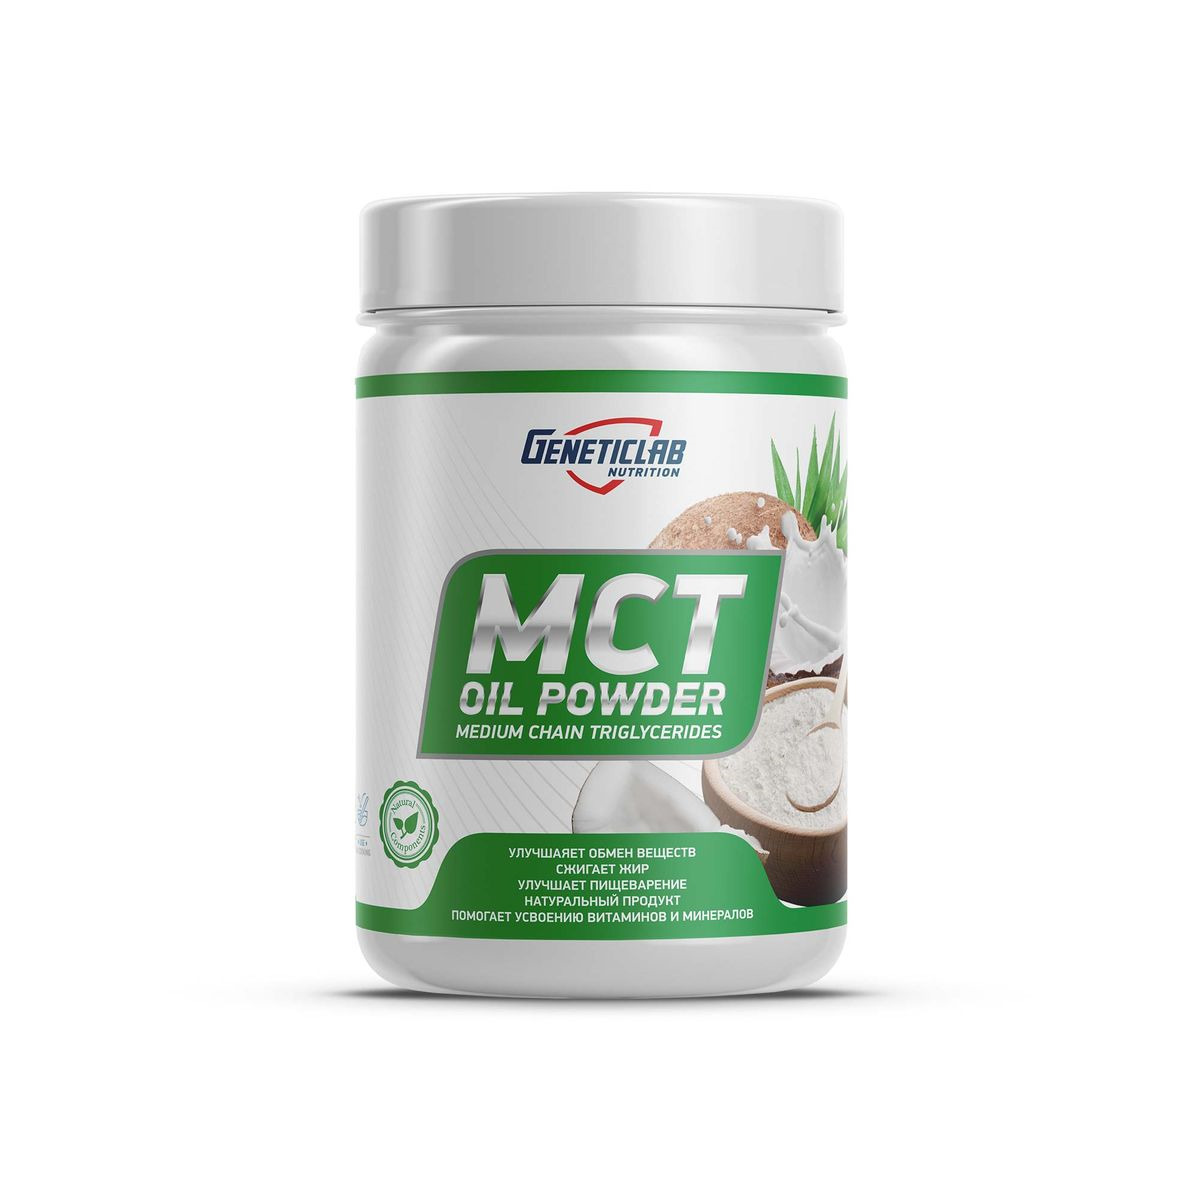 Комплекс жиров и аминокислот Geneticlab Nutrition Mct Oil Powder, 200 г